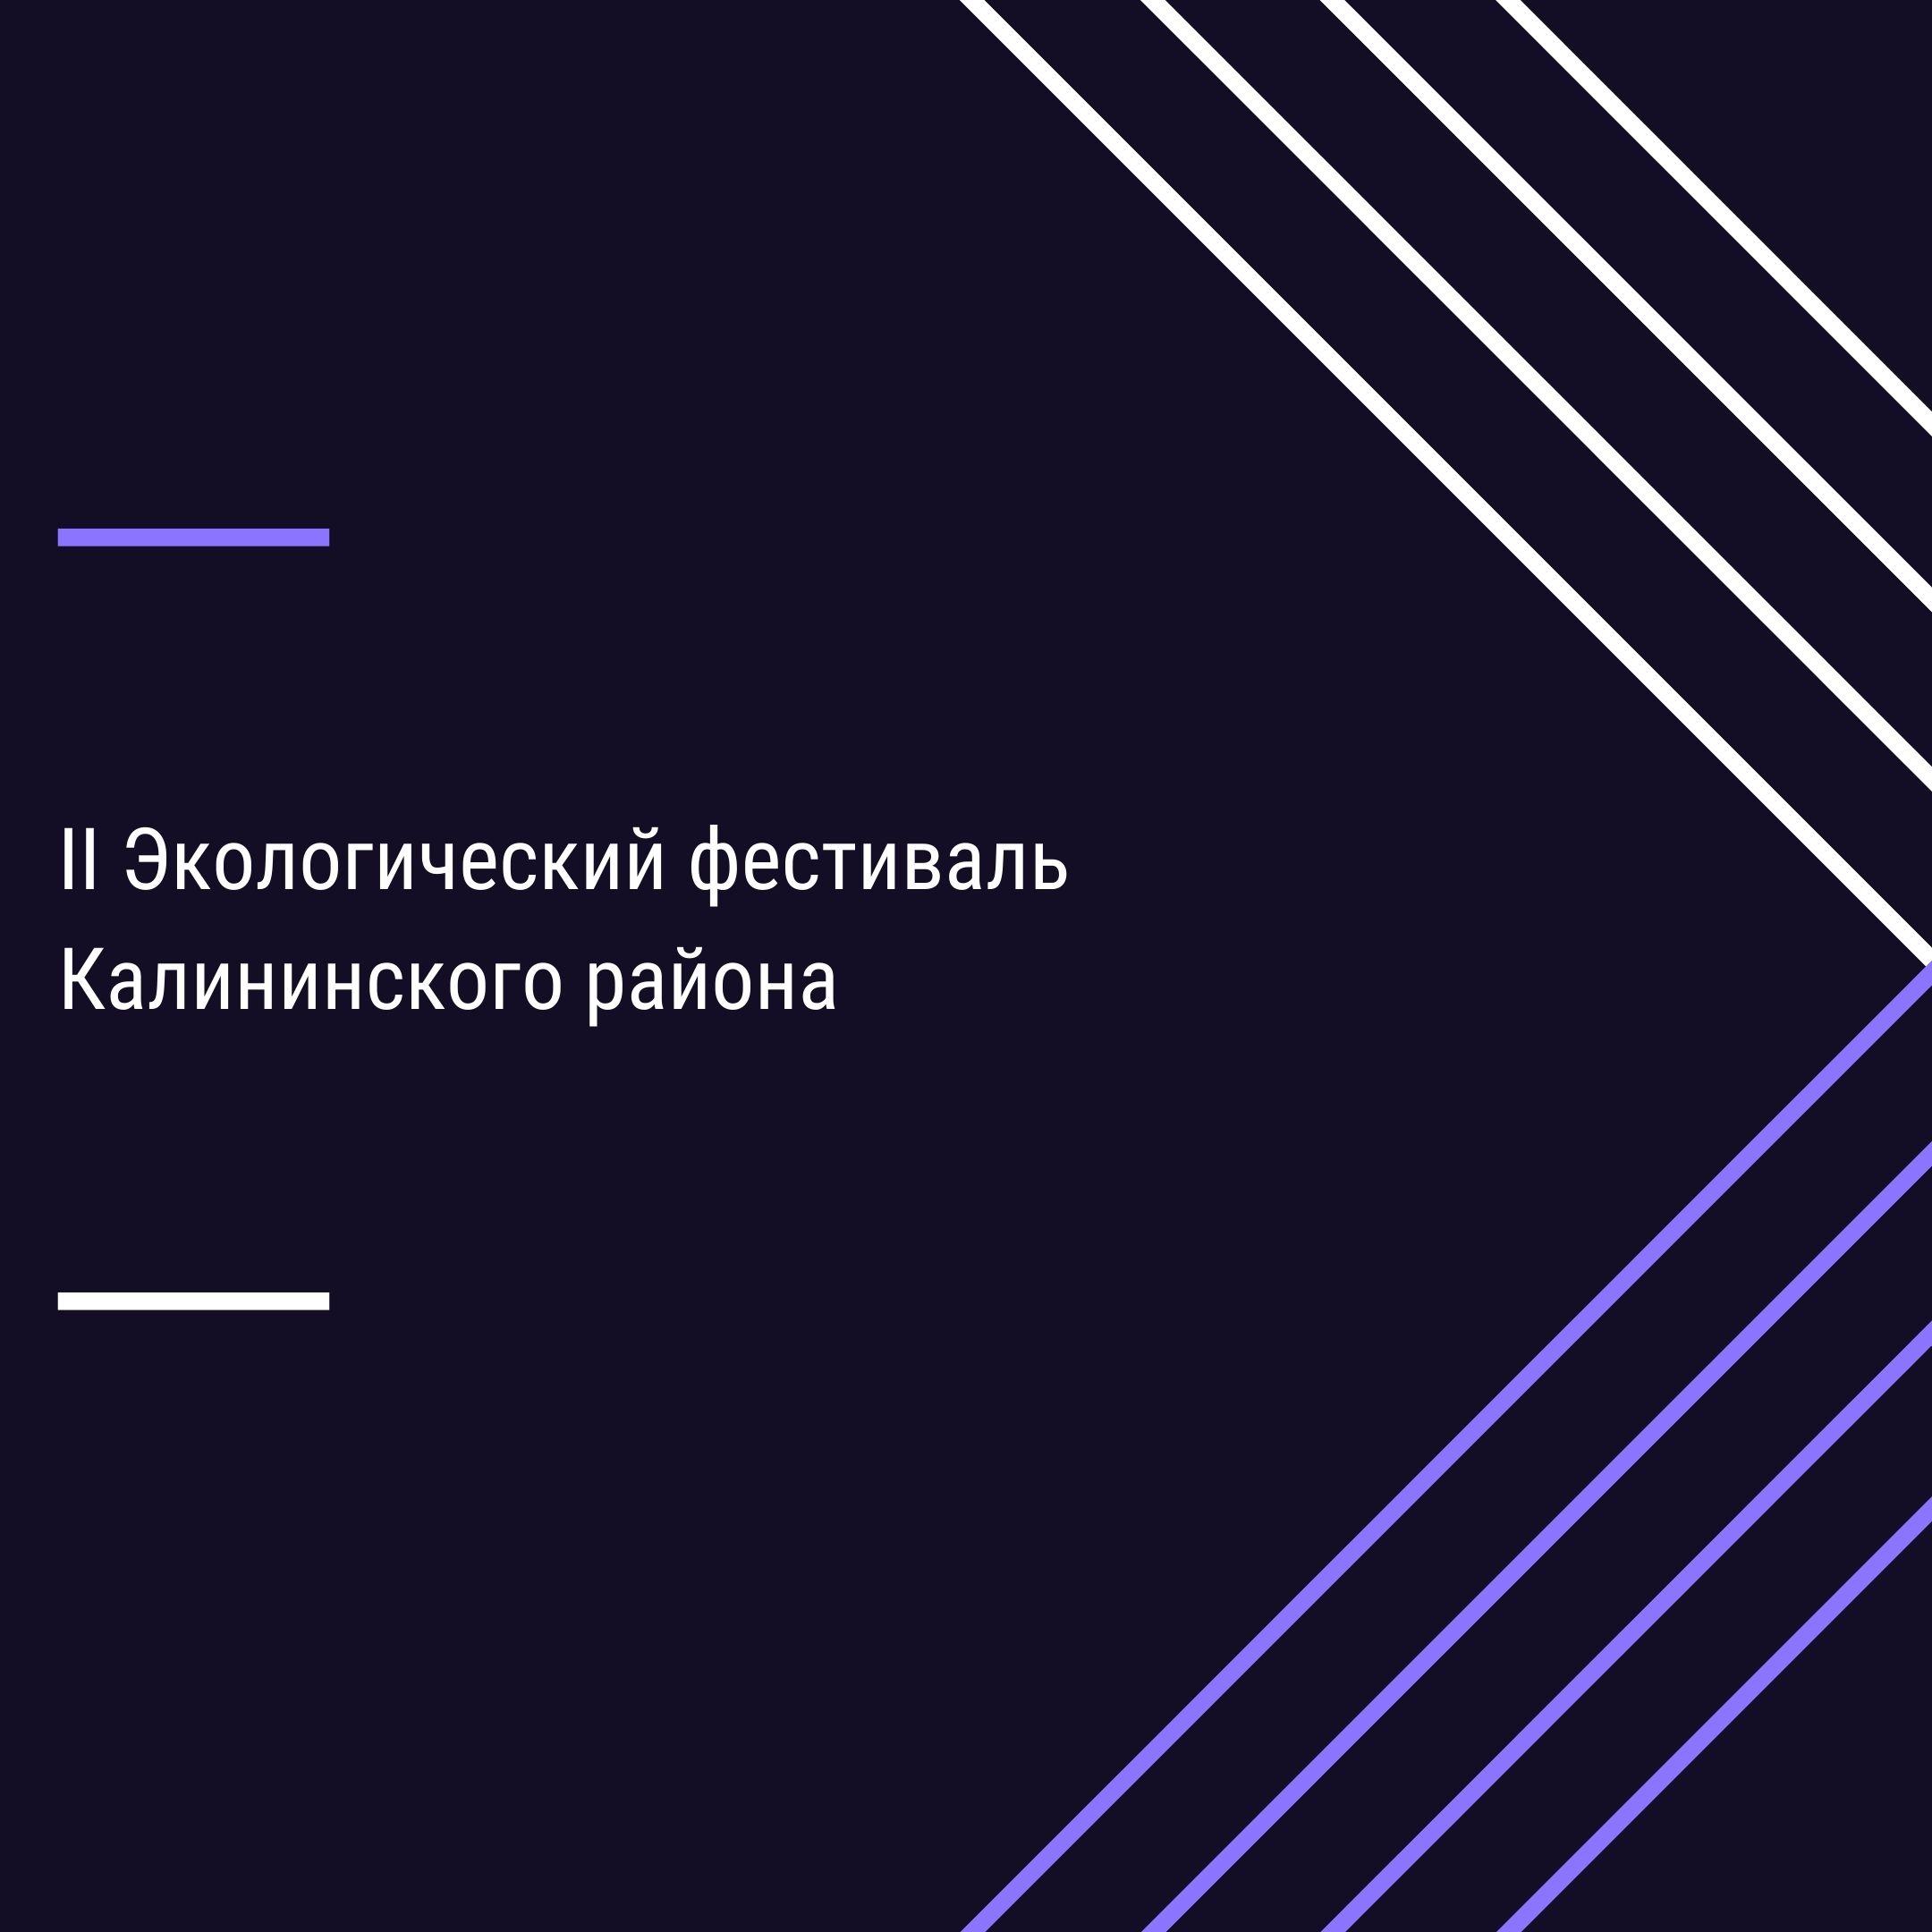 """II Экологический фестиваль Калининского района """"Экологической культуре – Да!"""""""